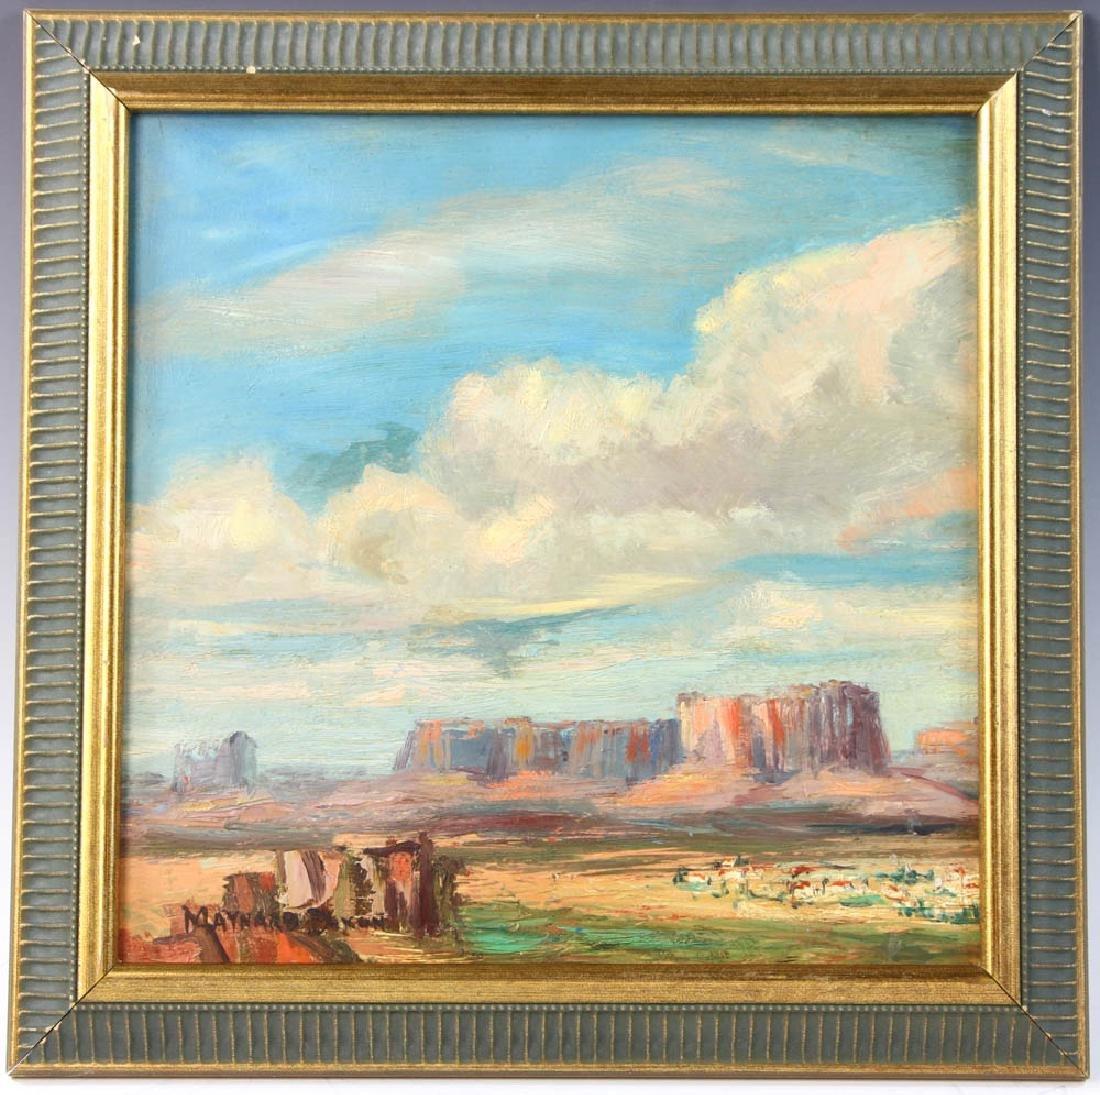 Maynard Dixon, Landscape, Oil on Board